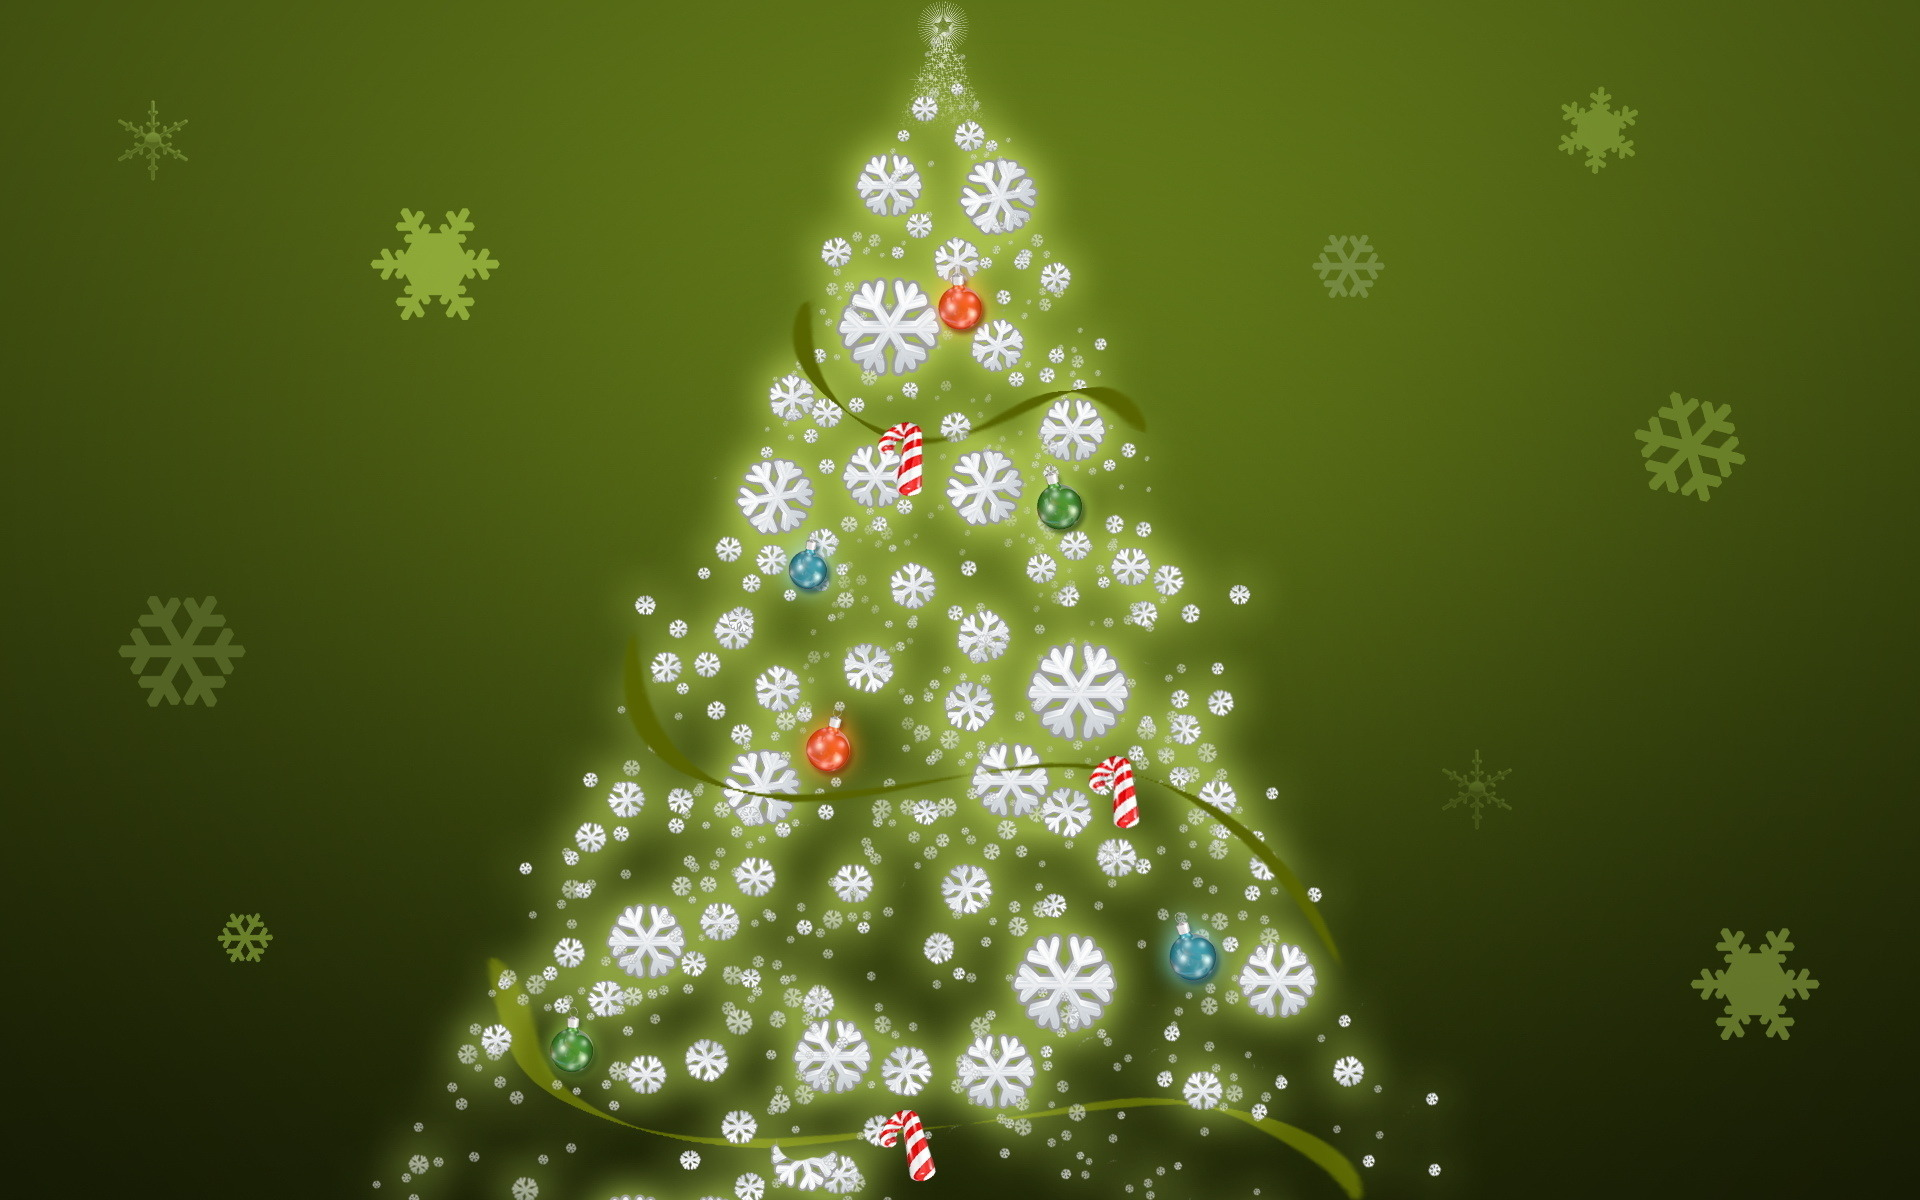 Новогодняя композиция из хвойных ветвей вместо ёлки